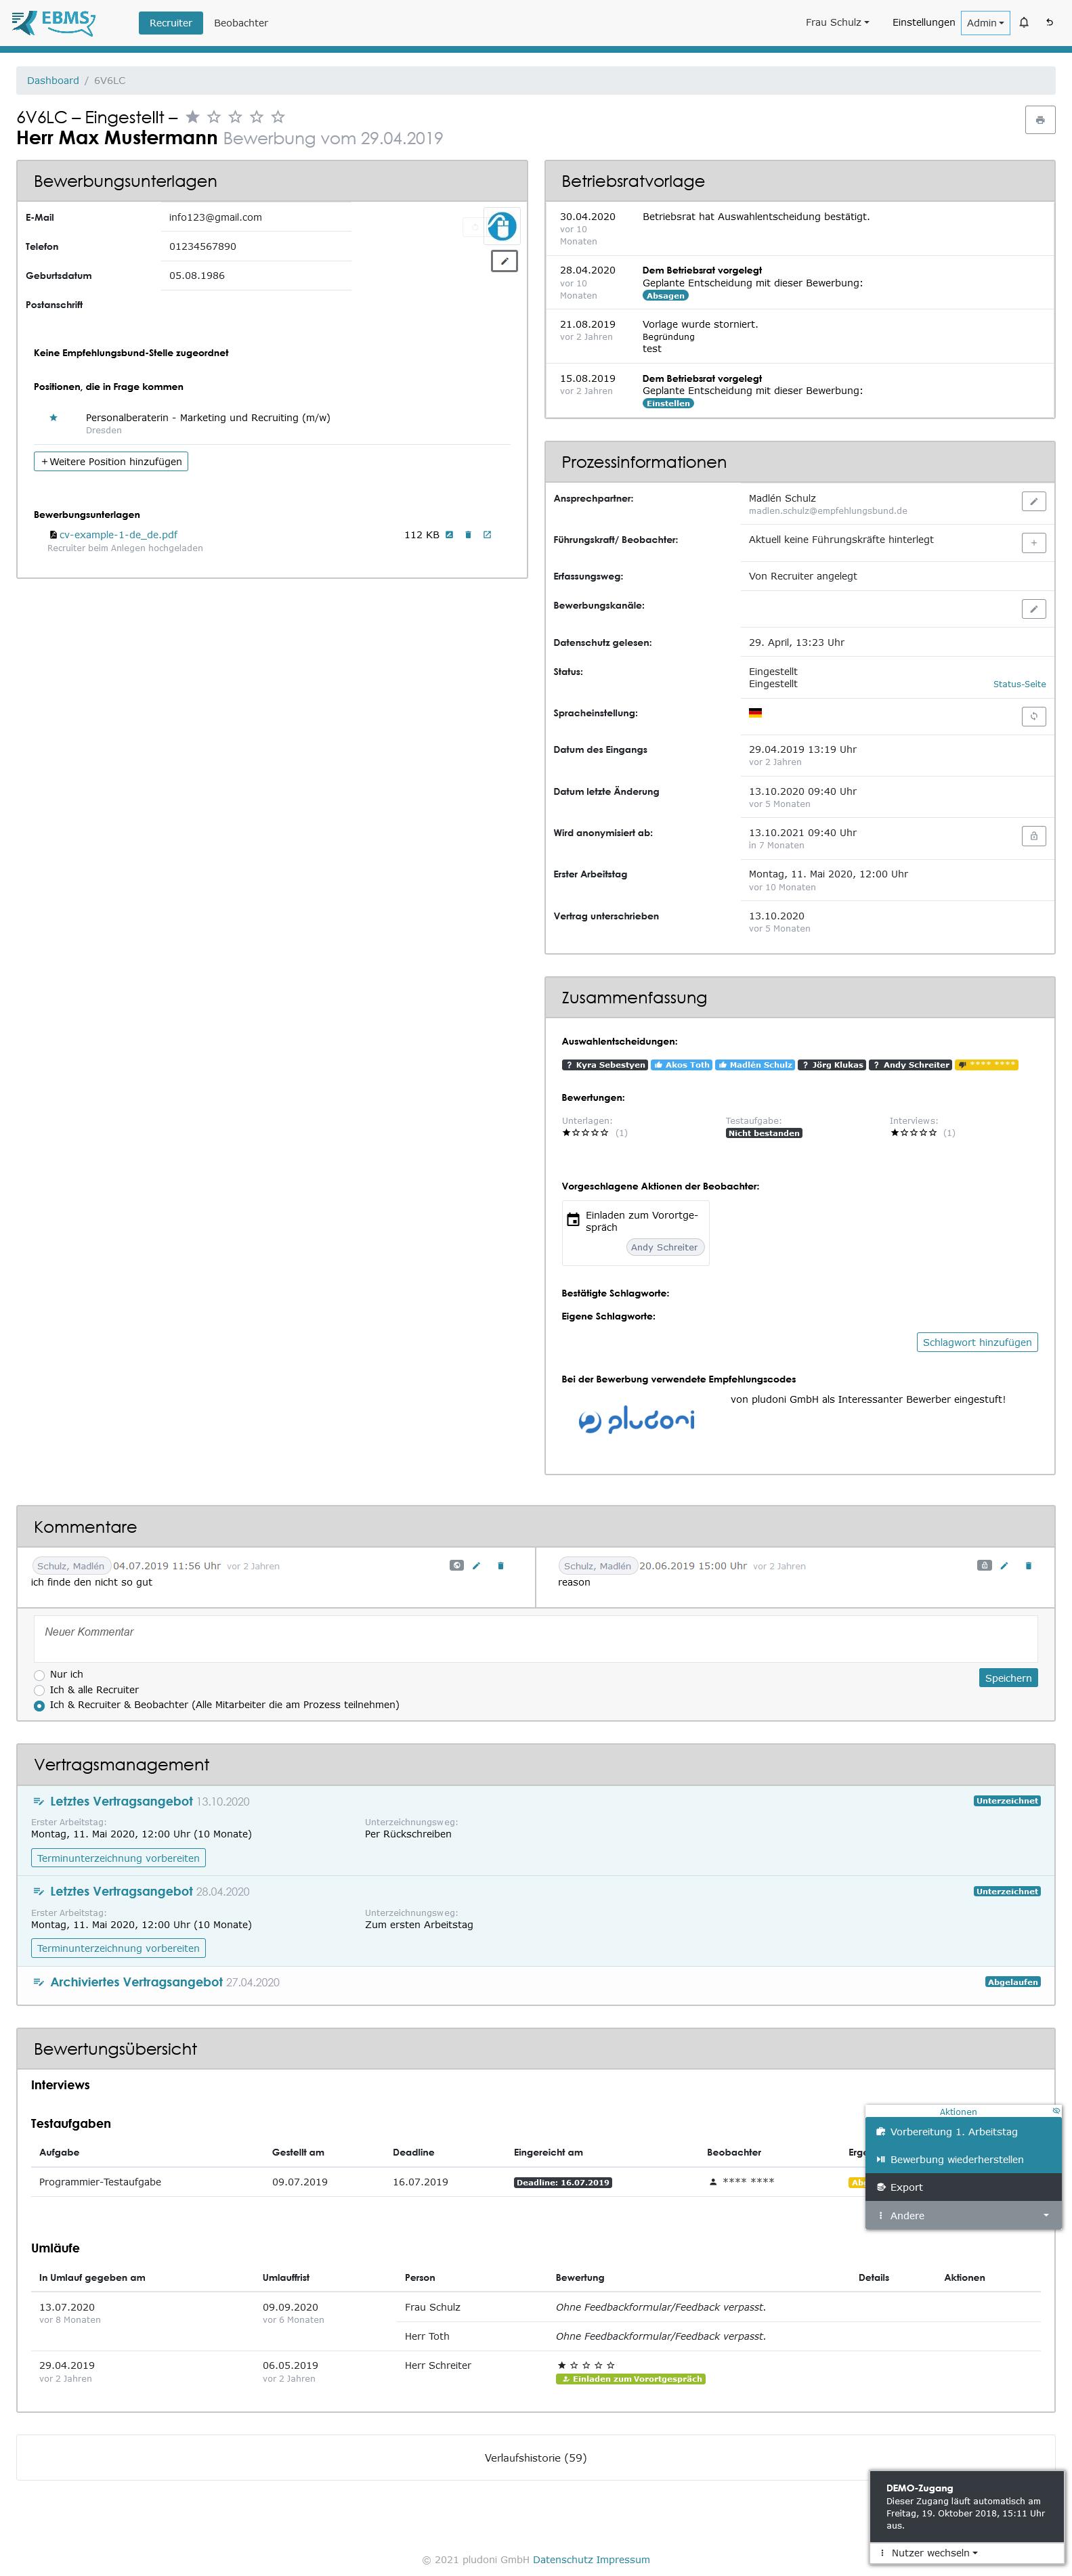 EBMS screenshot: EBMS Bewerberakte